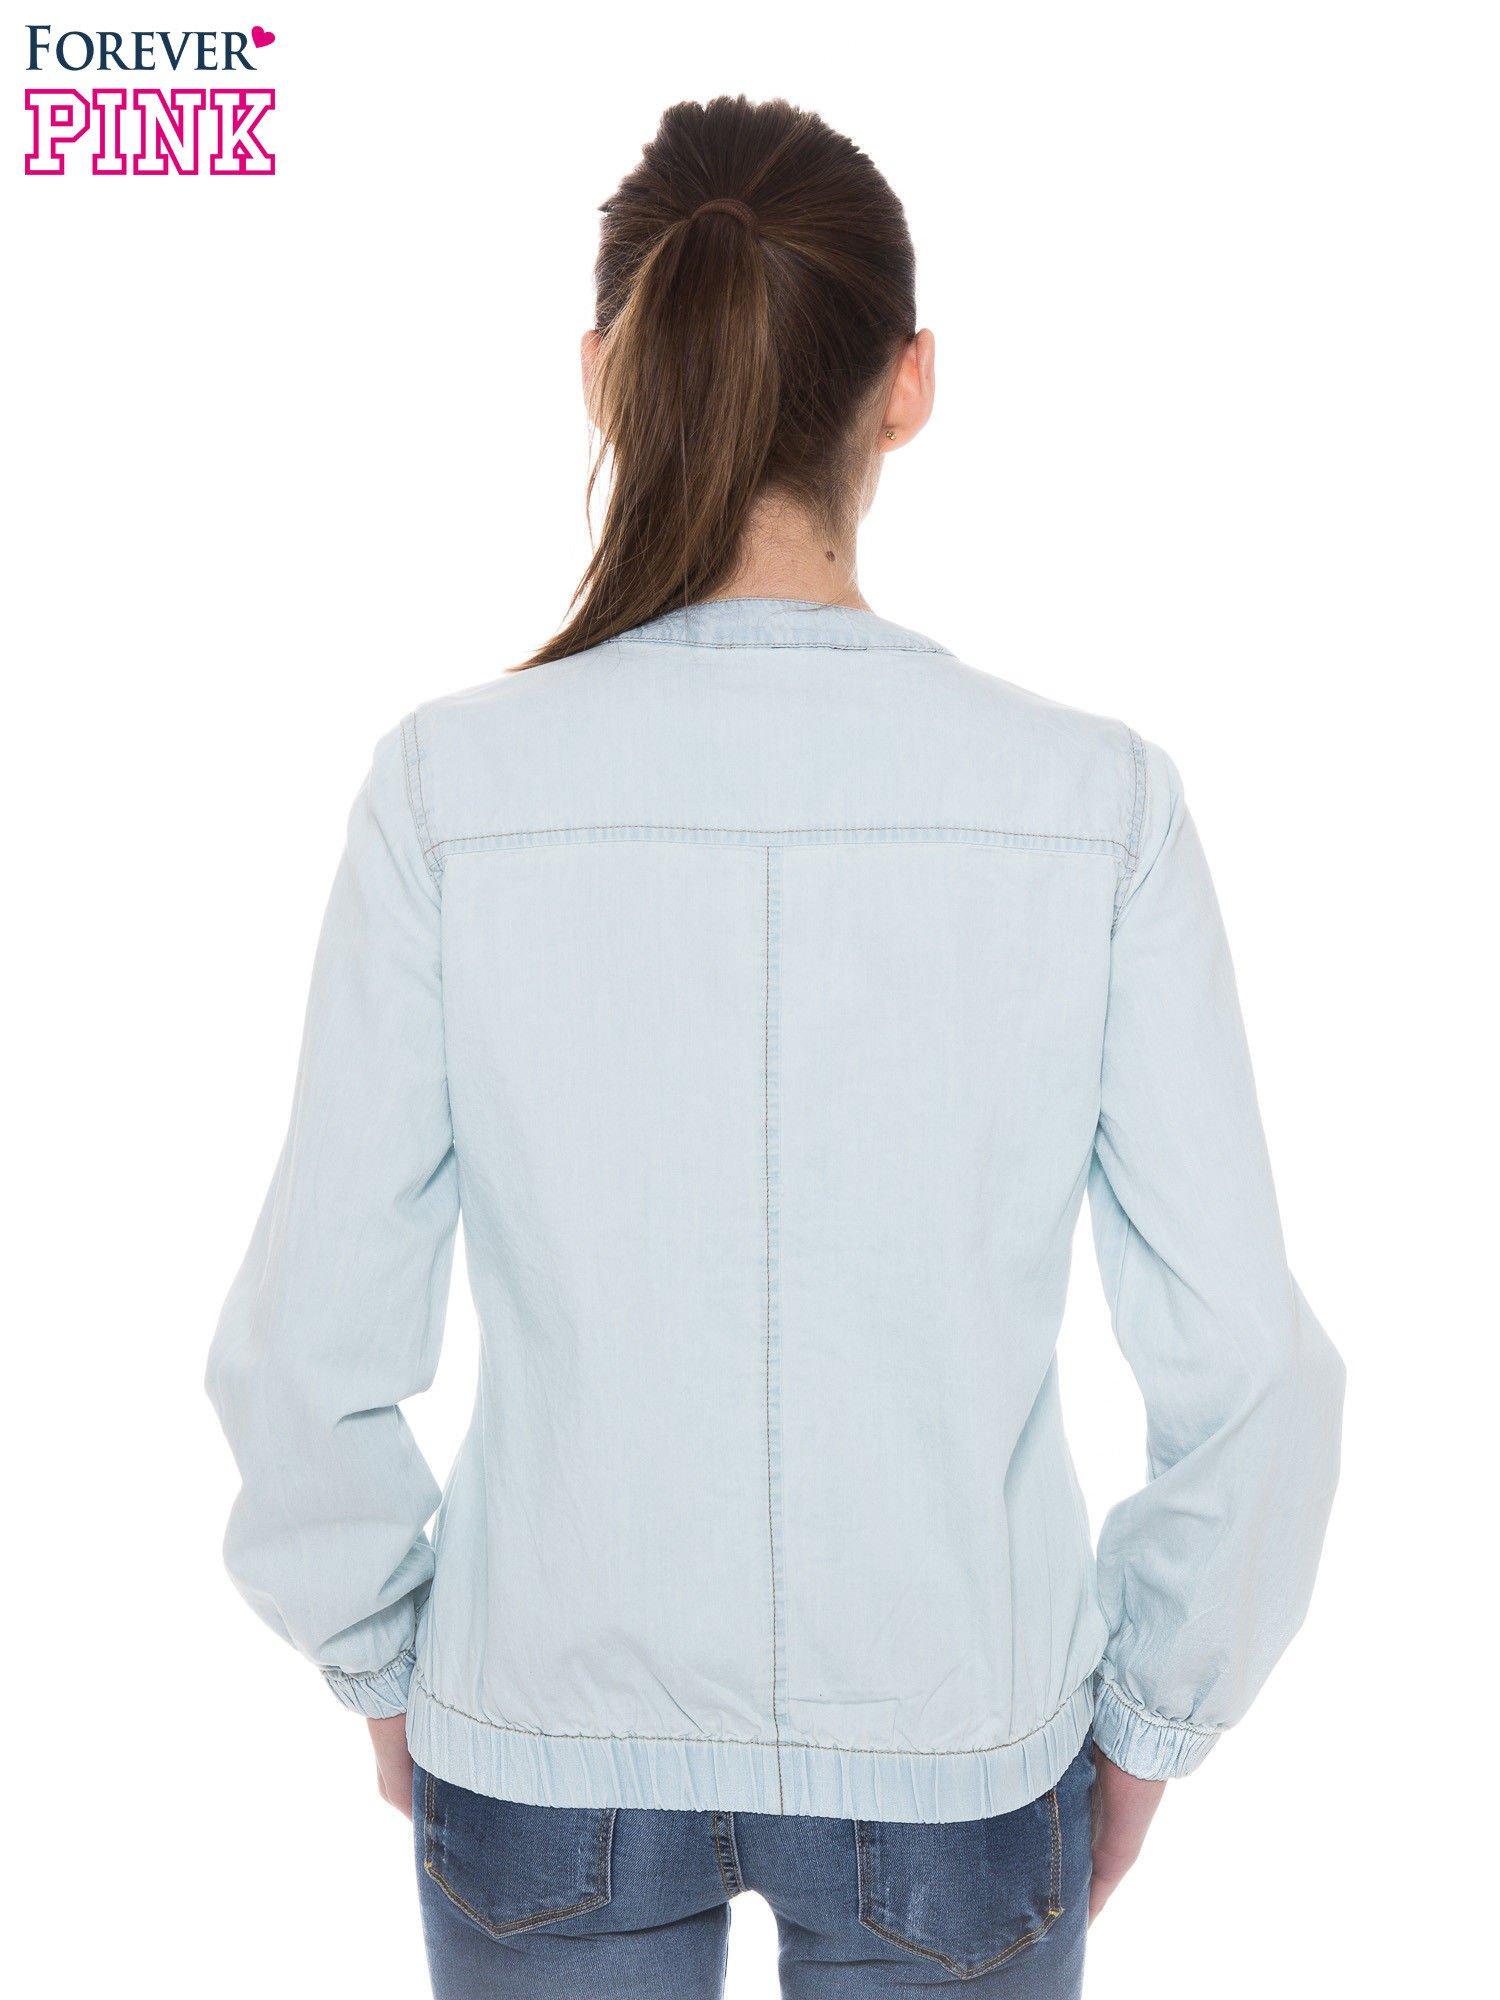 Jasnoniebieska kurtka jeansowa typu bomber jacket                                  zdj.                                  4